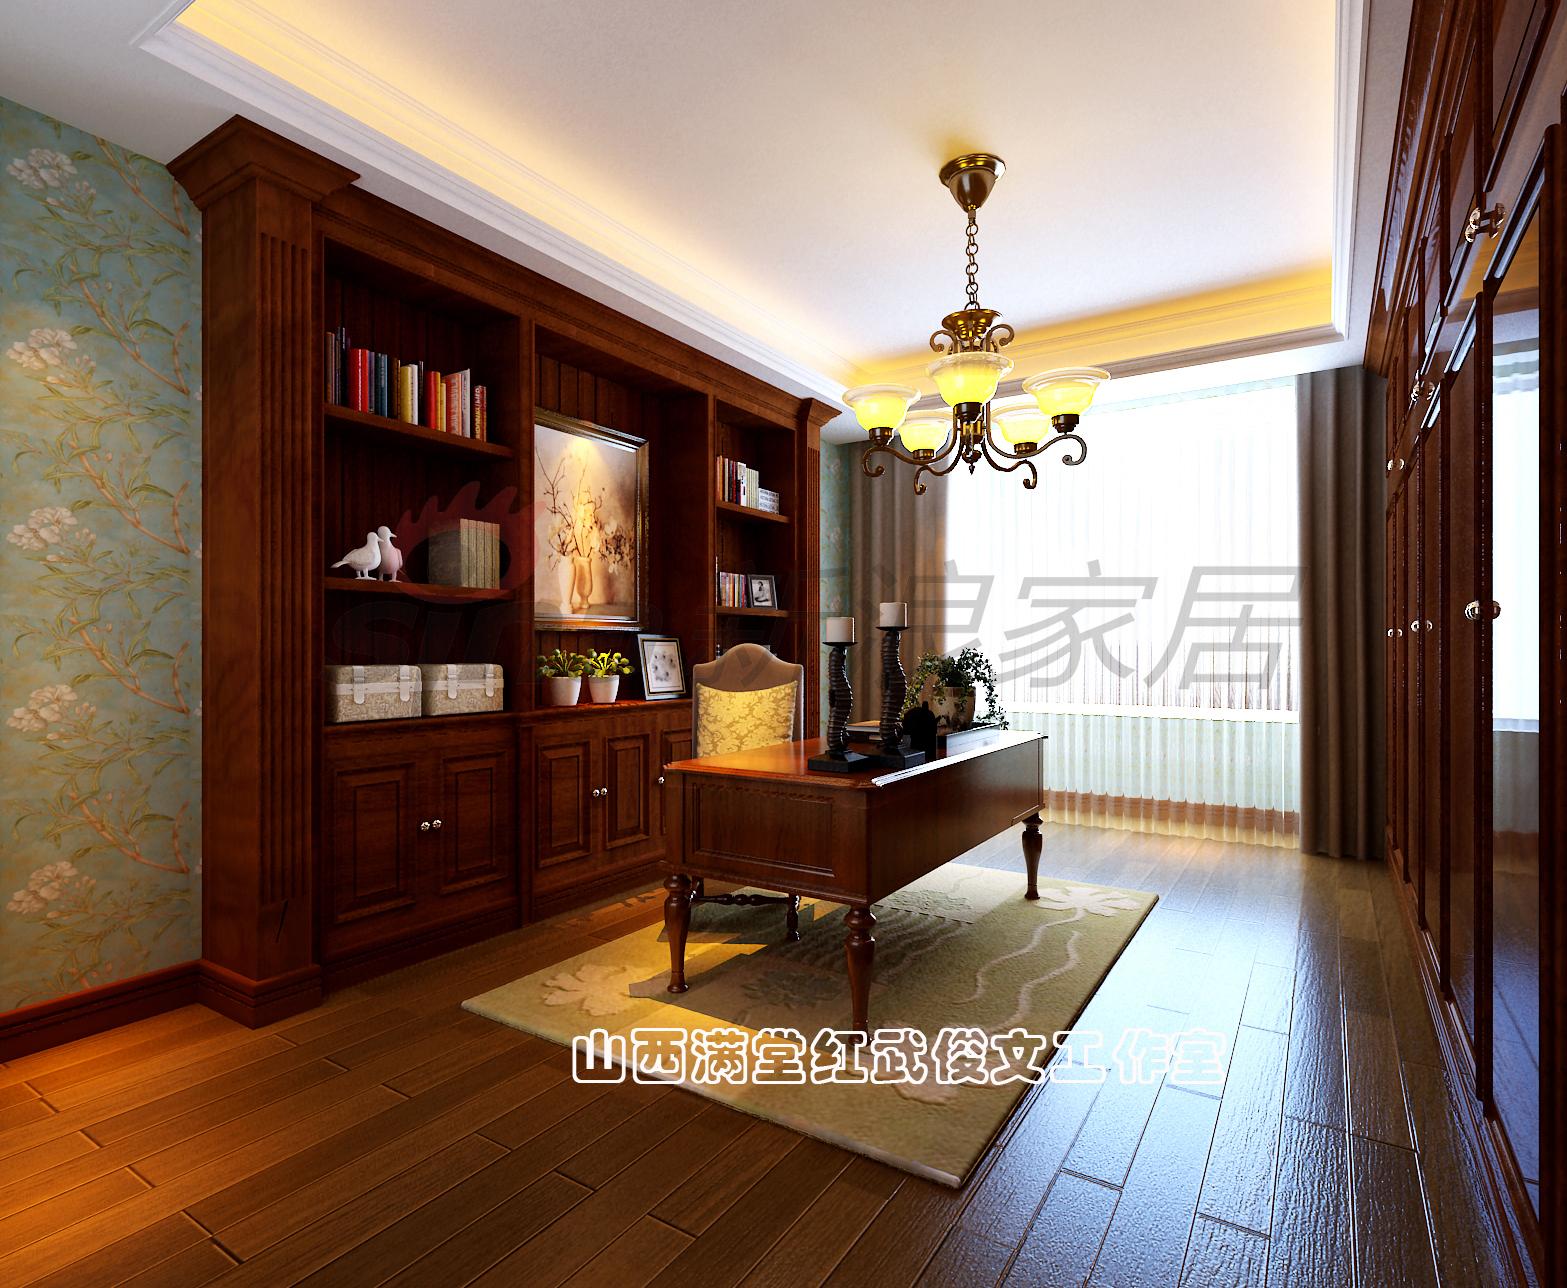 简约 欧式 书房图片来自满堂红设计师武俊文在长治别墅的分享